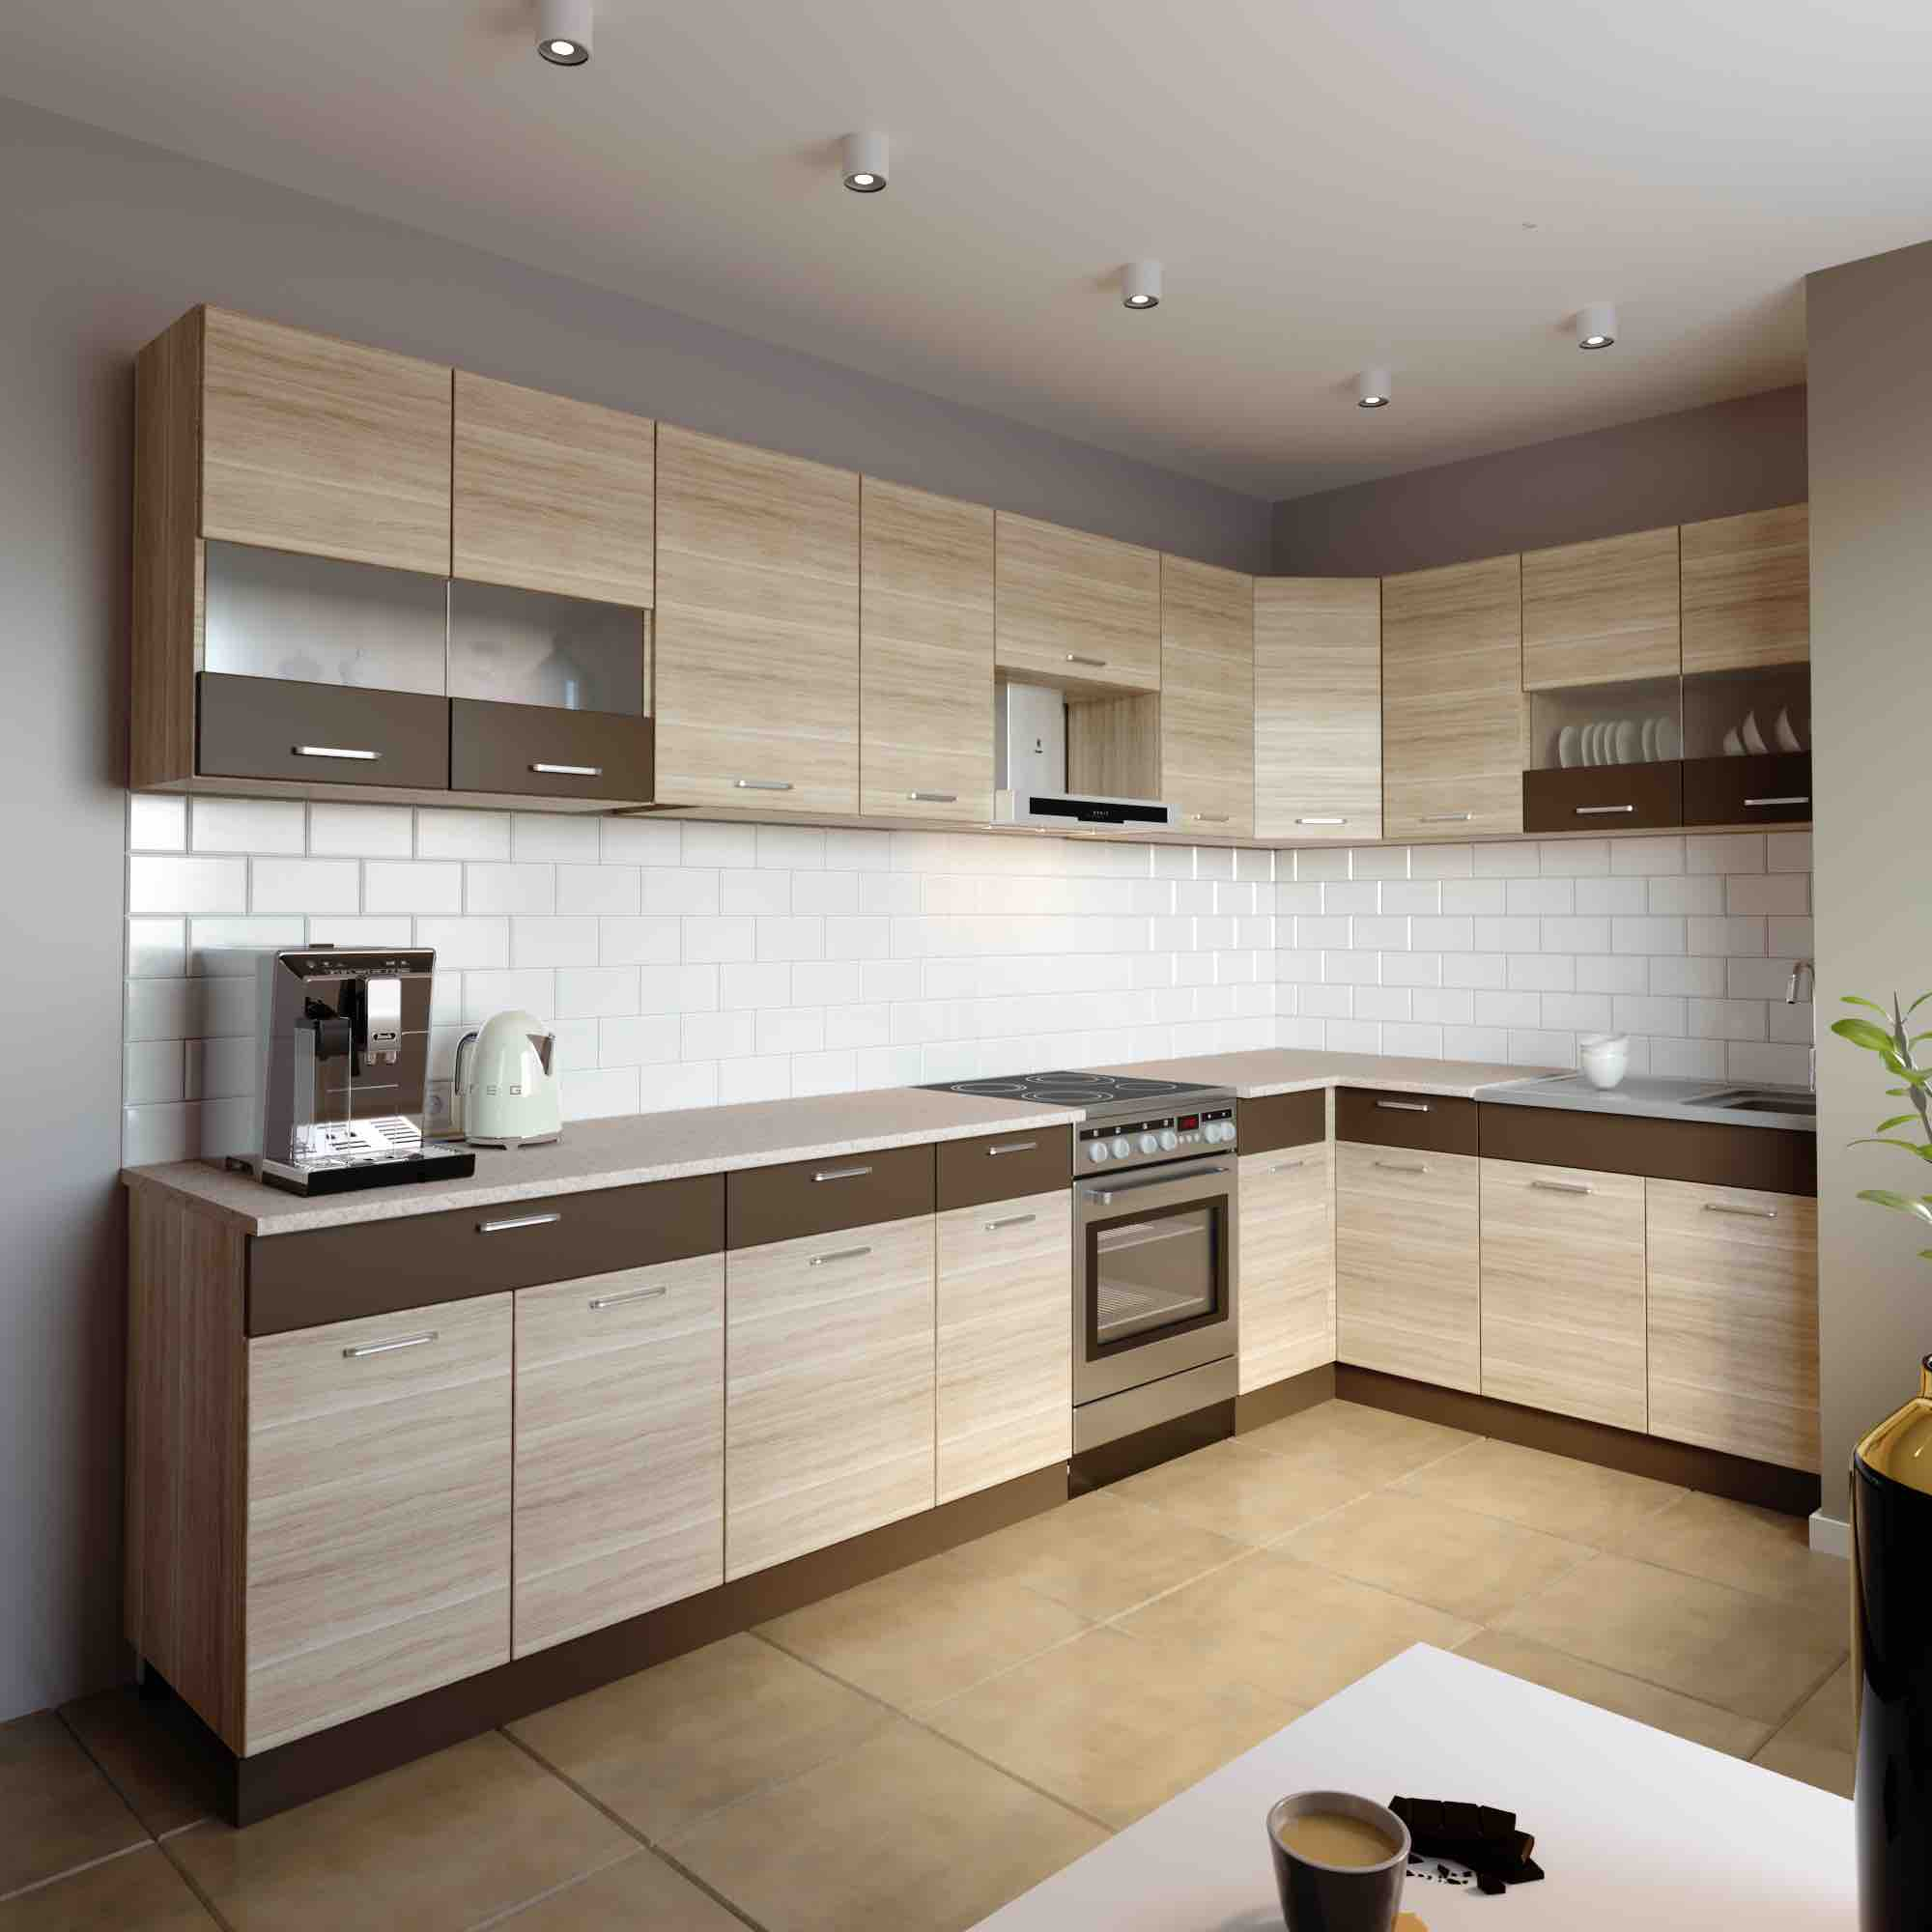 Full Size of Küche L Form Ikea Küche L Form Hochglanz Küche L Form Günstig Kaufen Küche L Form Mit Insel Küche Küche L Form